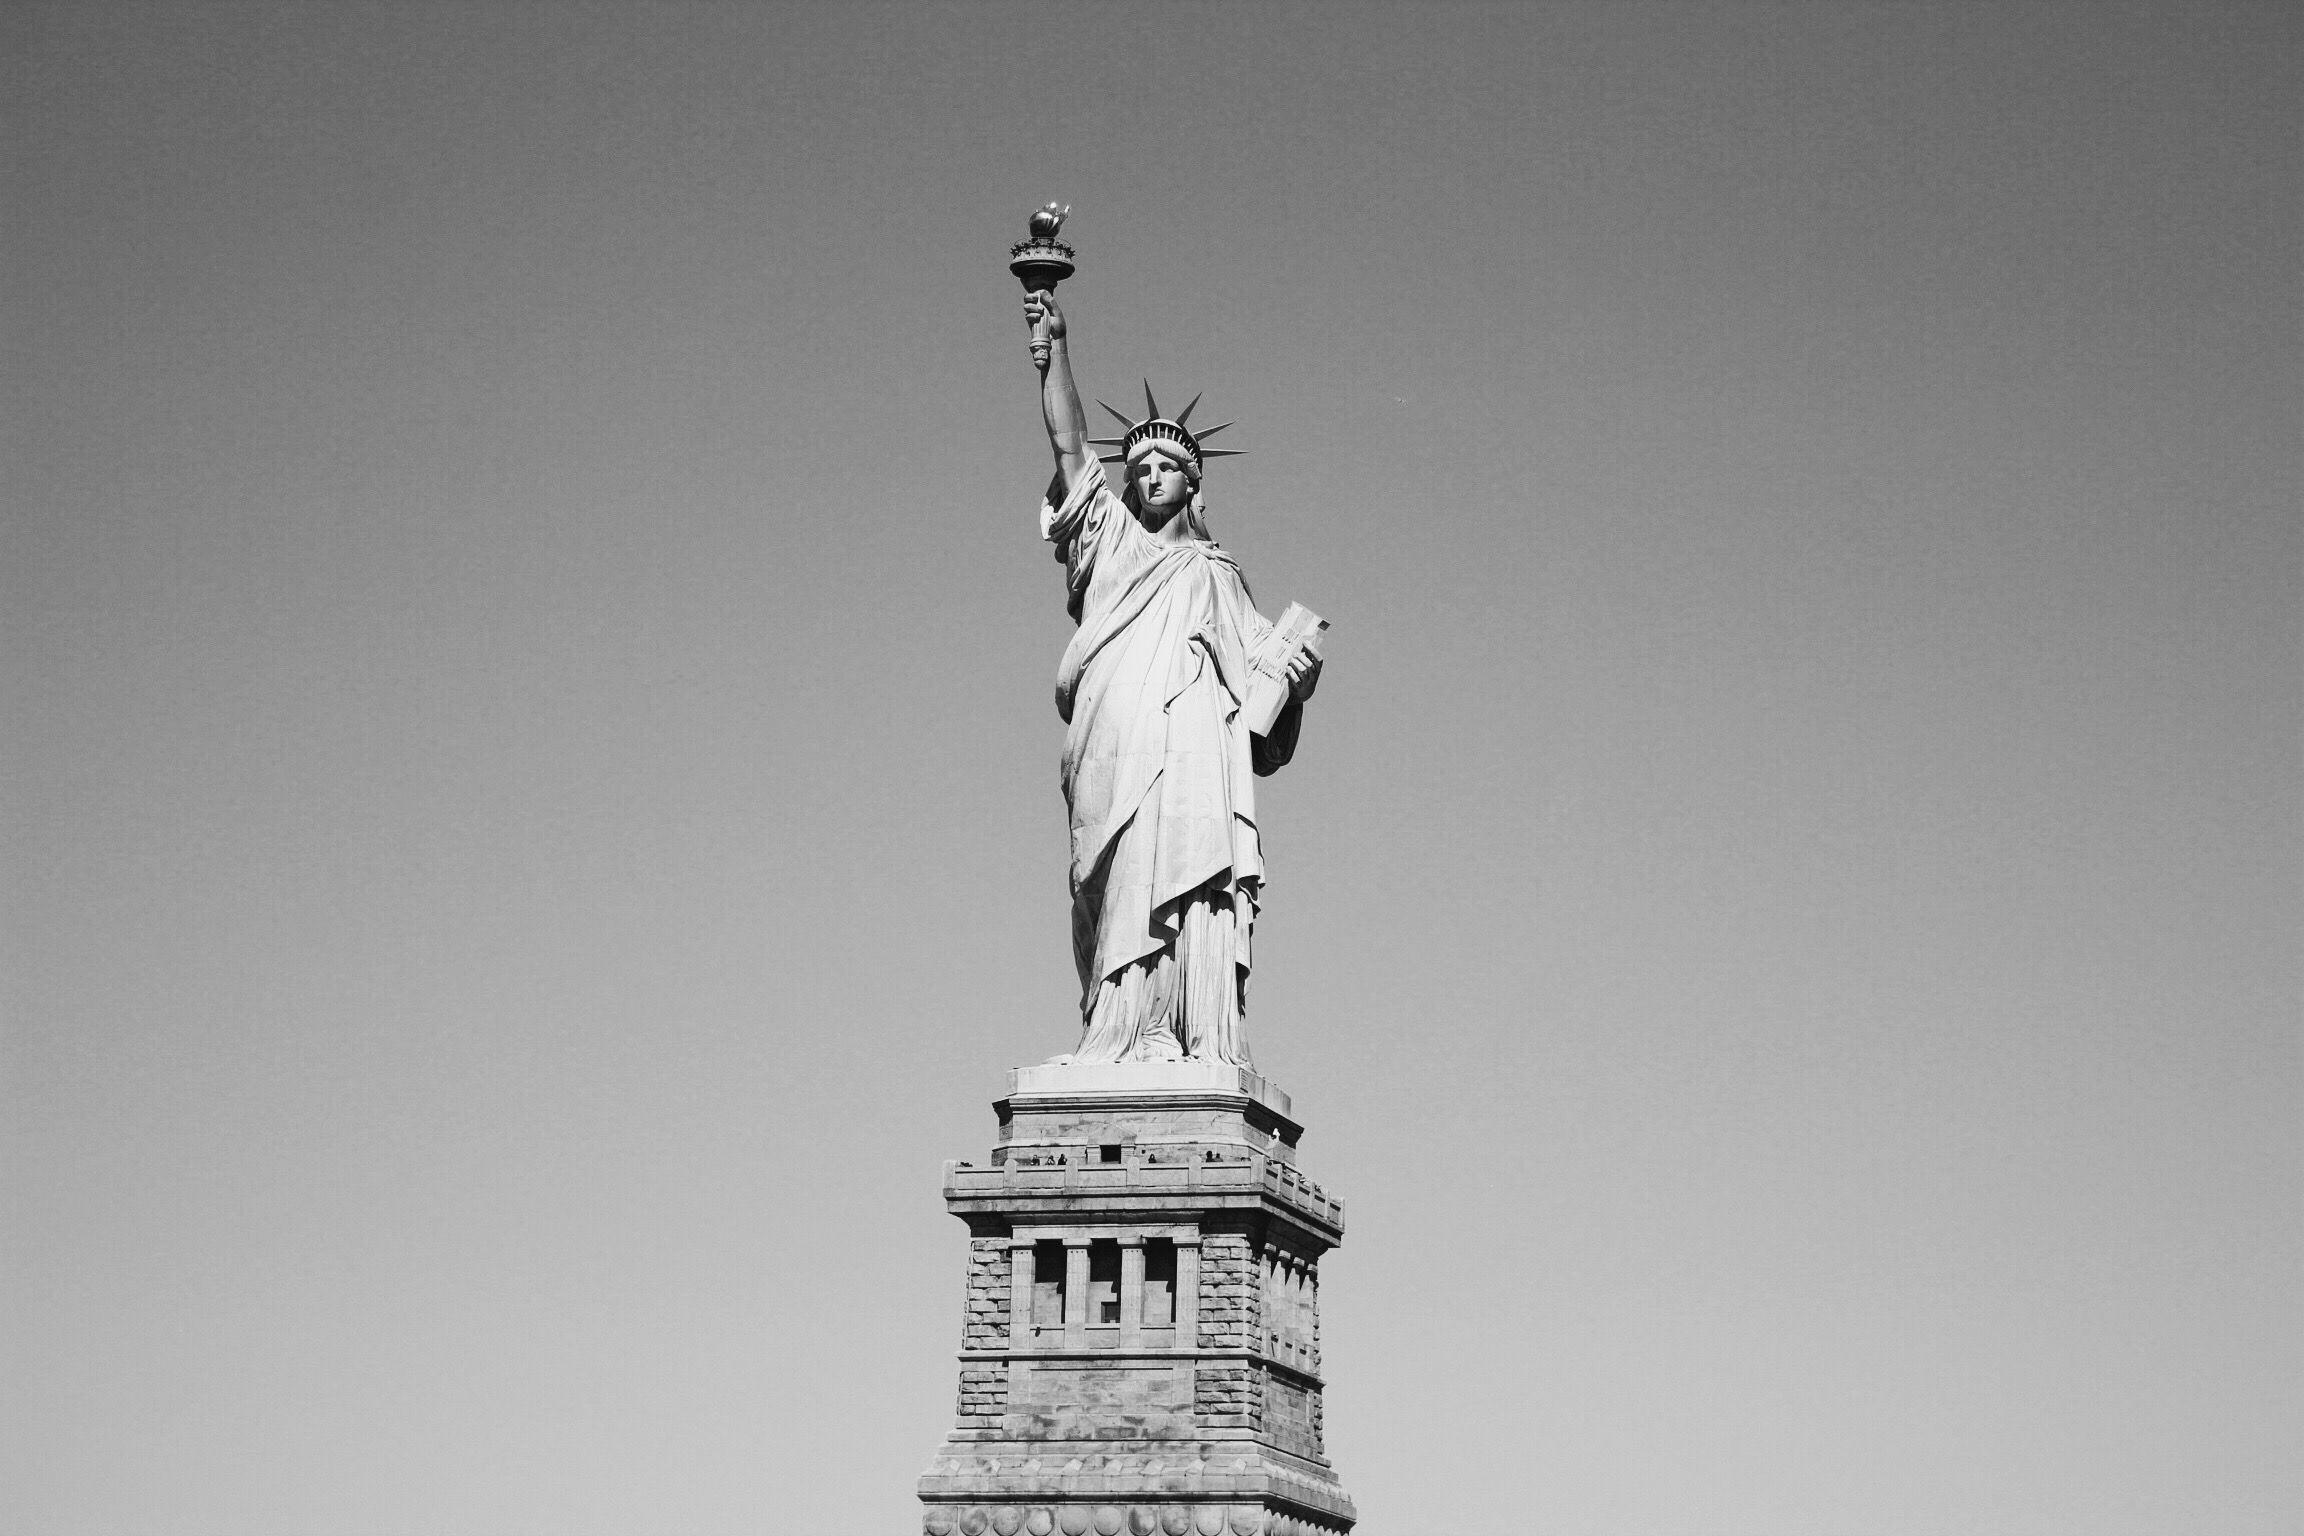 New York, Statue of Liberty www.saansh.com @saansh